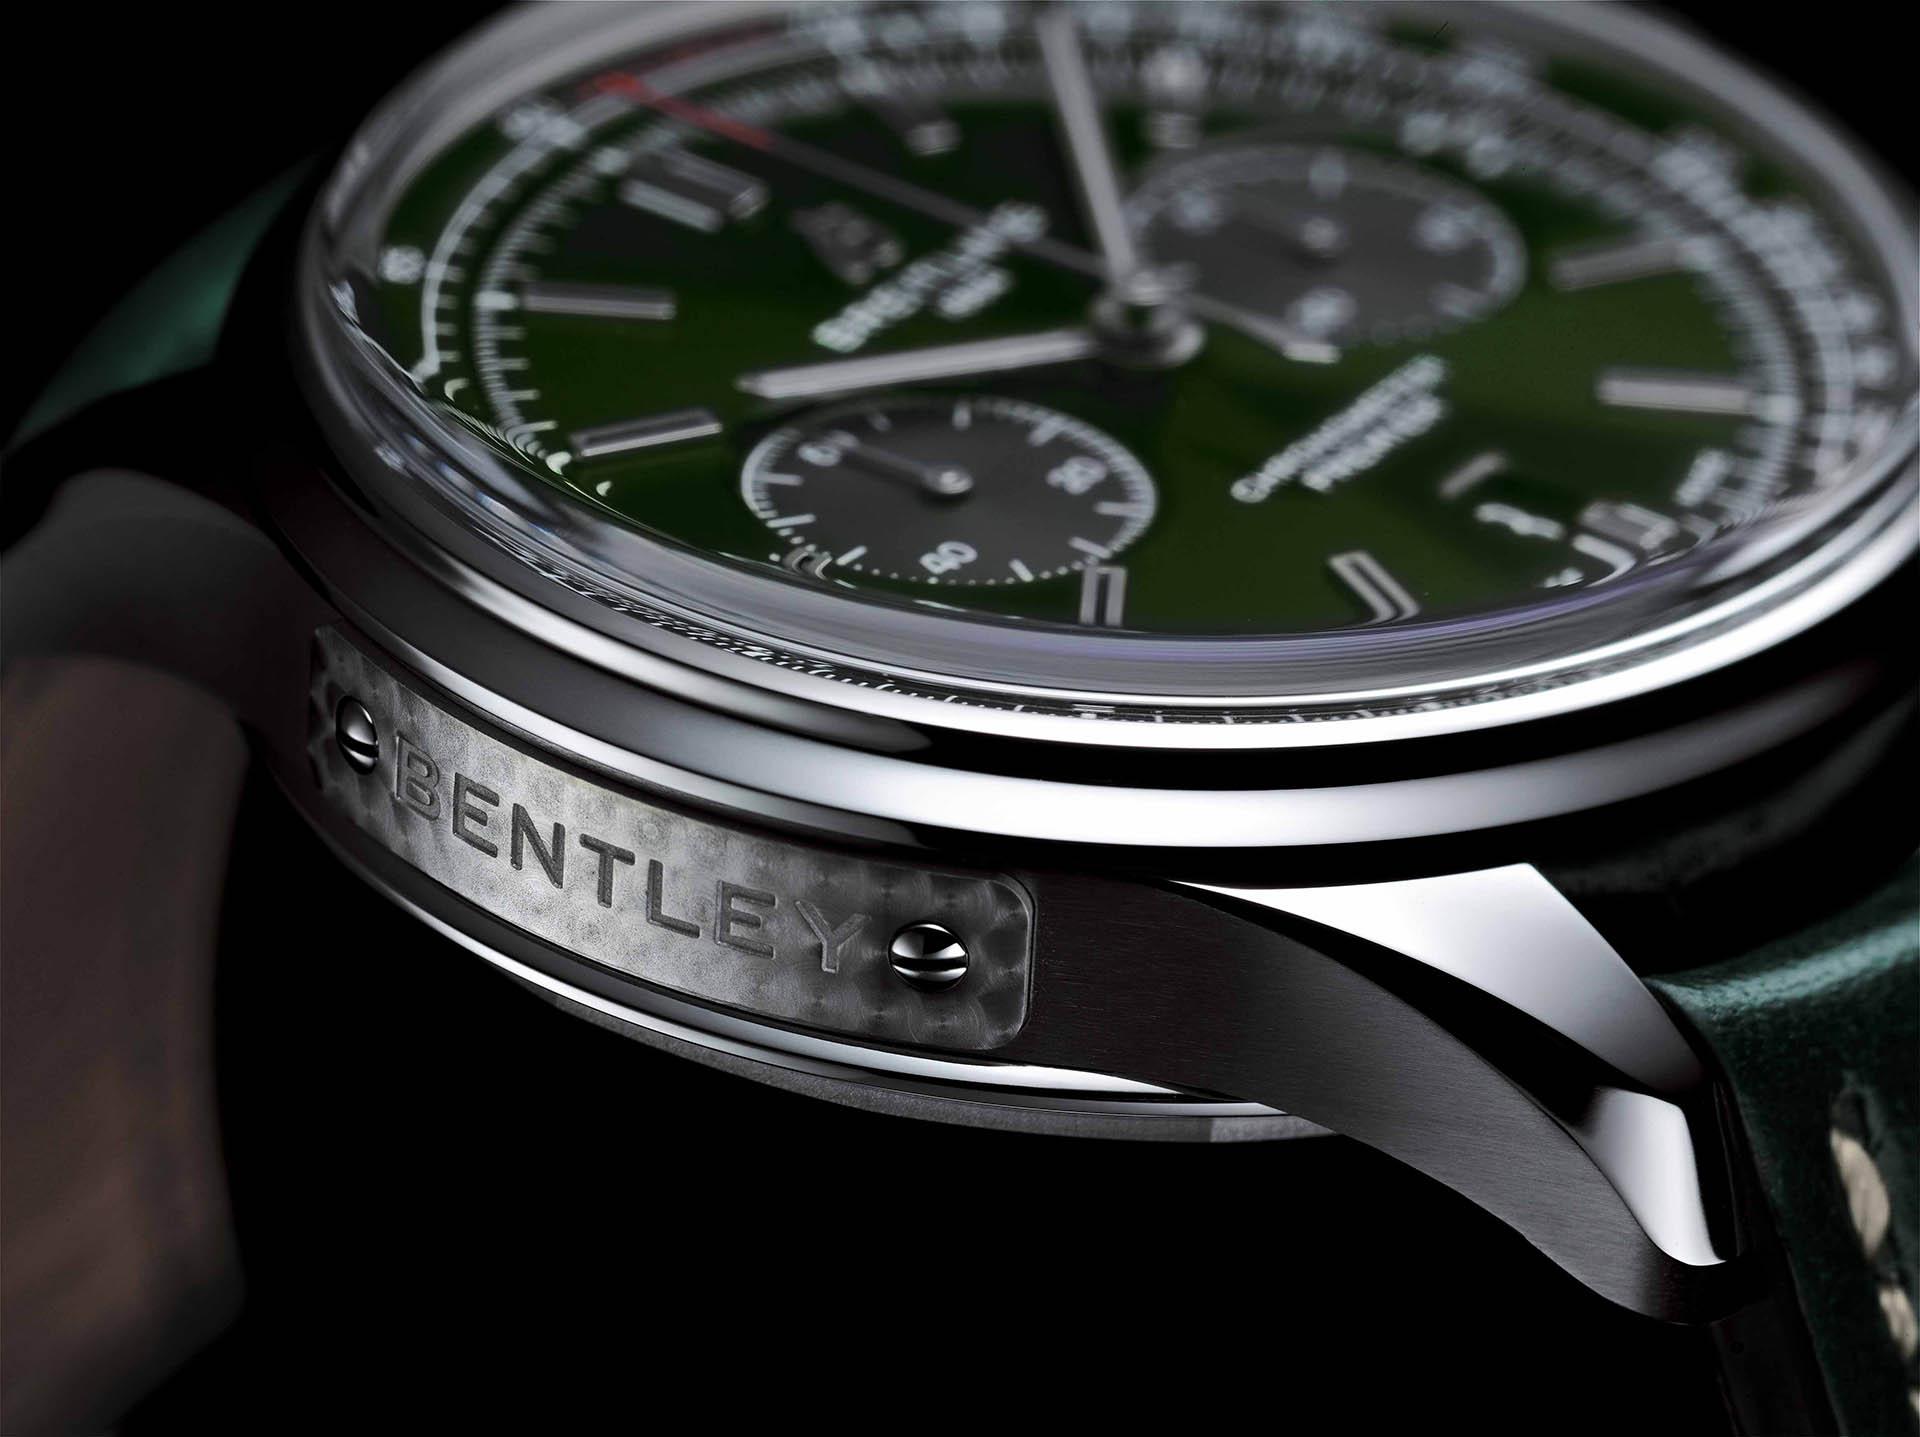 Die Bentley-Modellfamilie wird nun der Premier-Kollektion zugeschlagen.